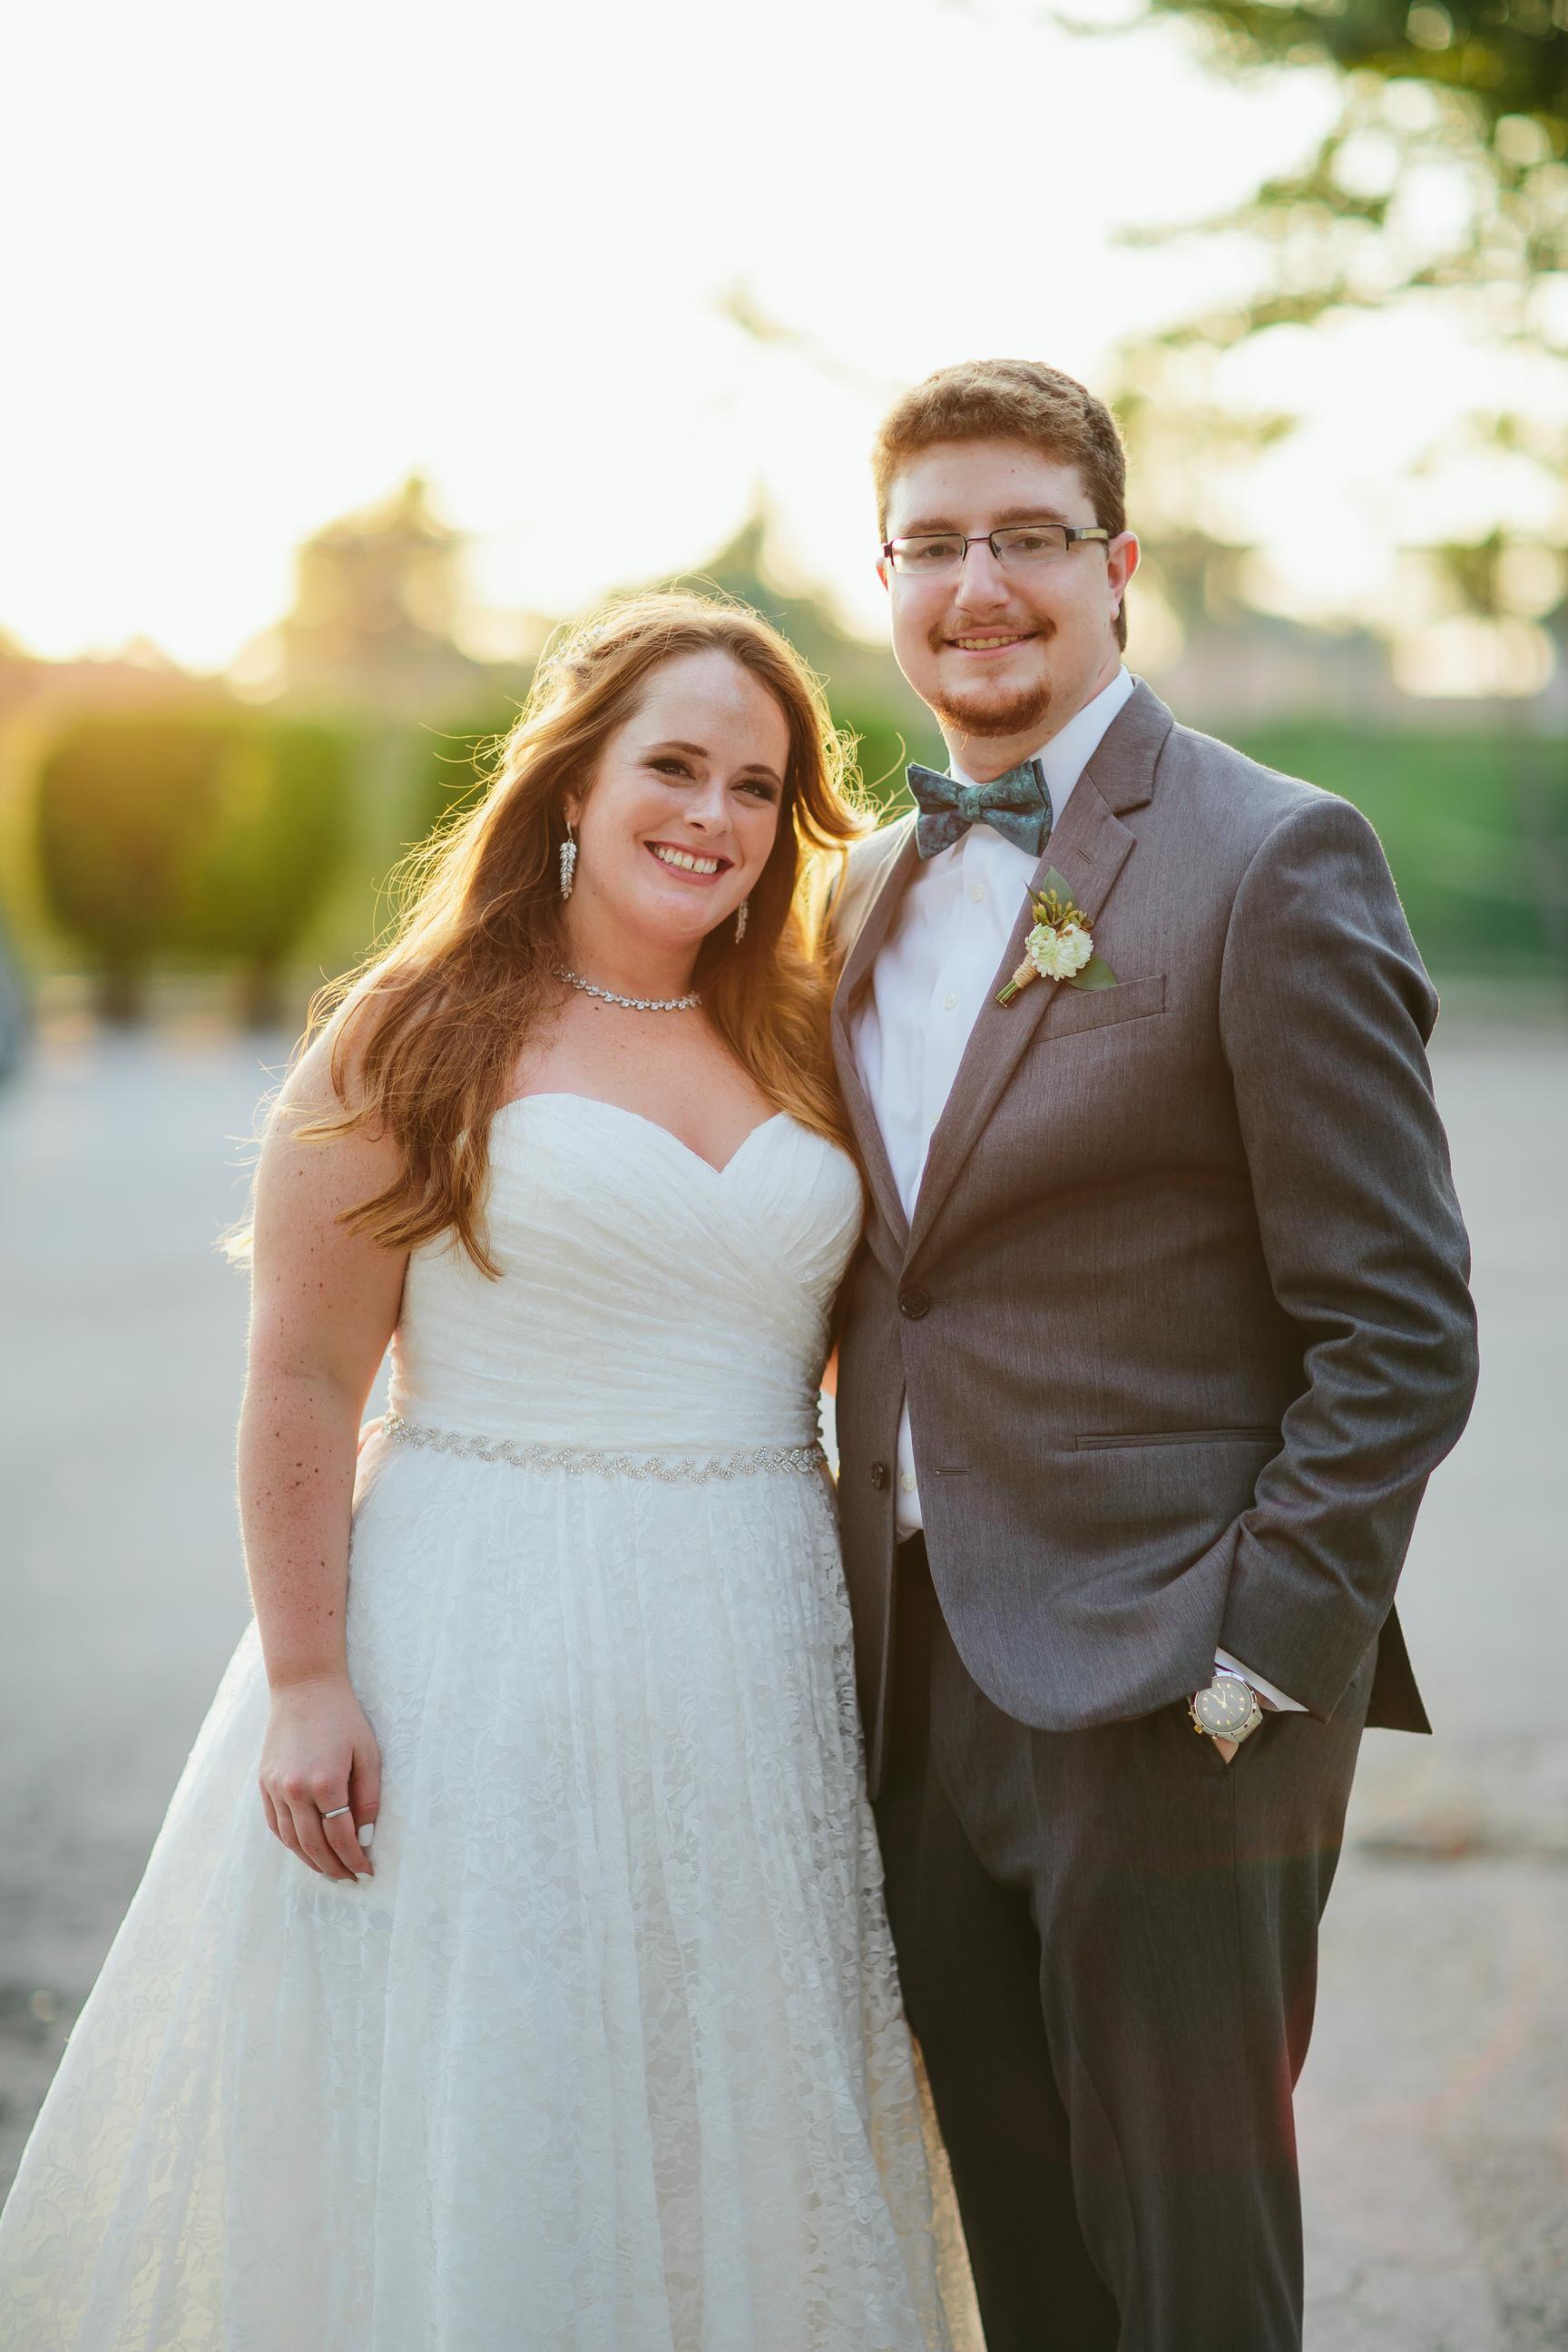 lighthouse_point_yacht_club_wedding_bride_groom_portraits_steph_lynn_photo-44.jpg